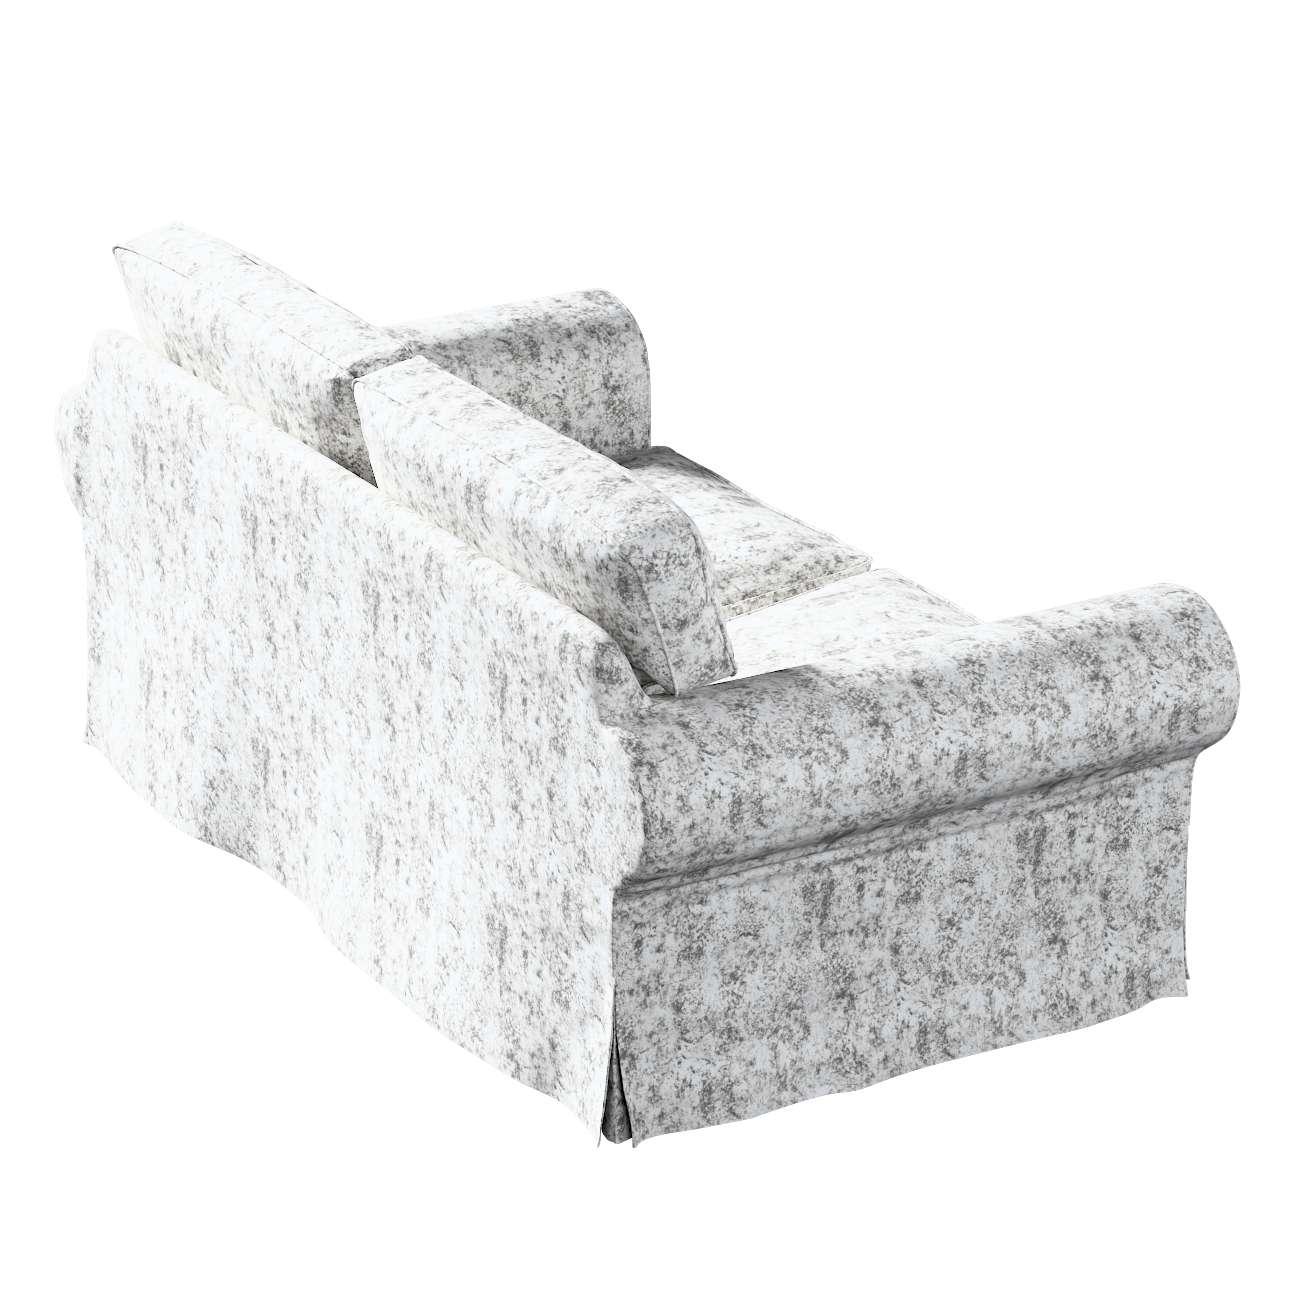 Pokrowiec na sofę Ektorp 2-osobową rozkładaną, model po 2012 w kolekcji Velvet, tkanina: 704-49